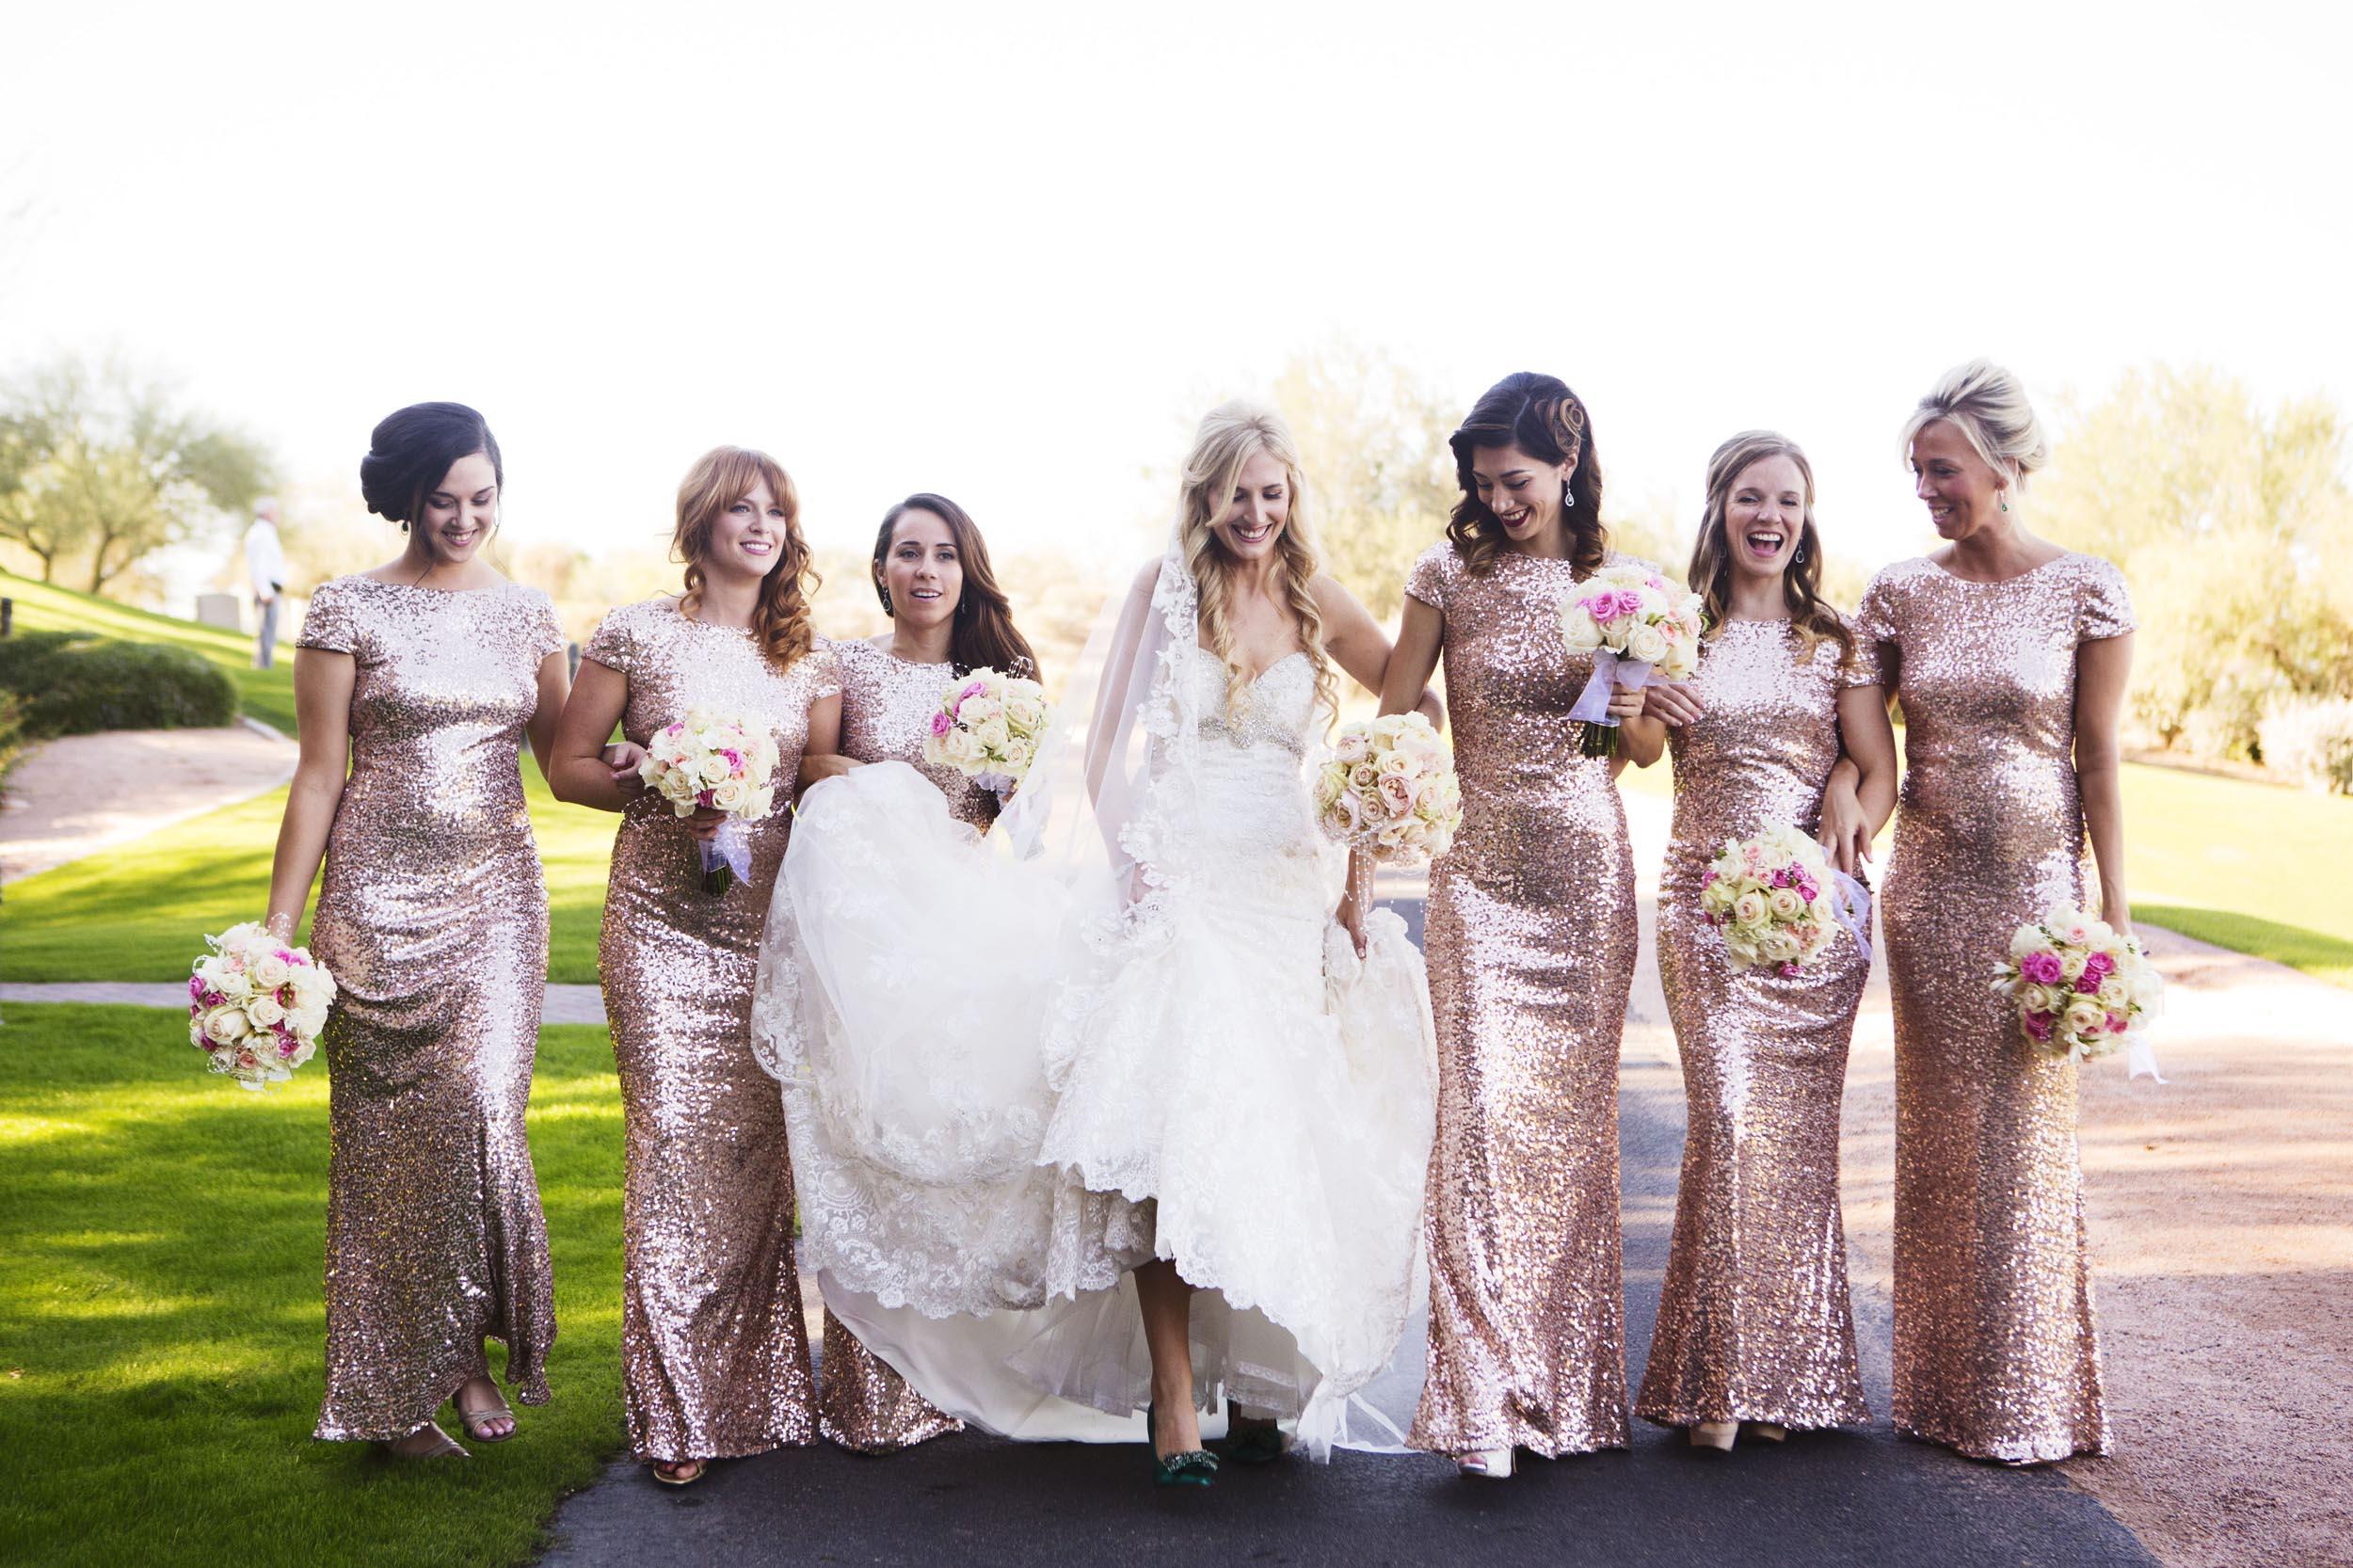 weddings-scottsdale-16.JPG